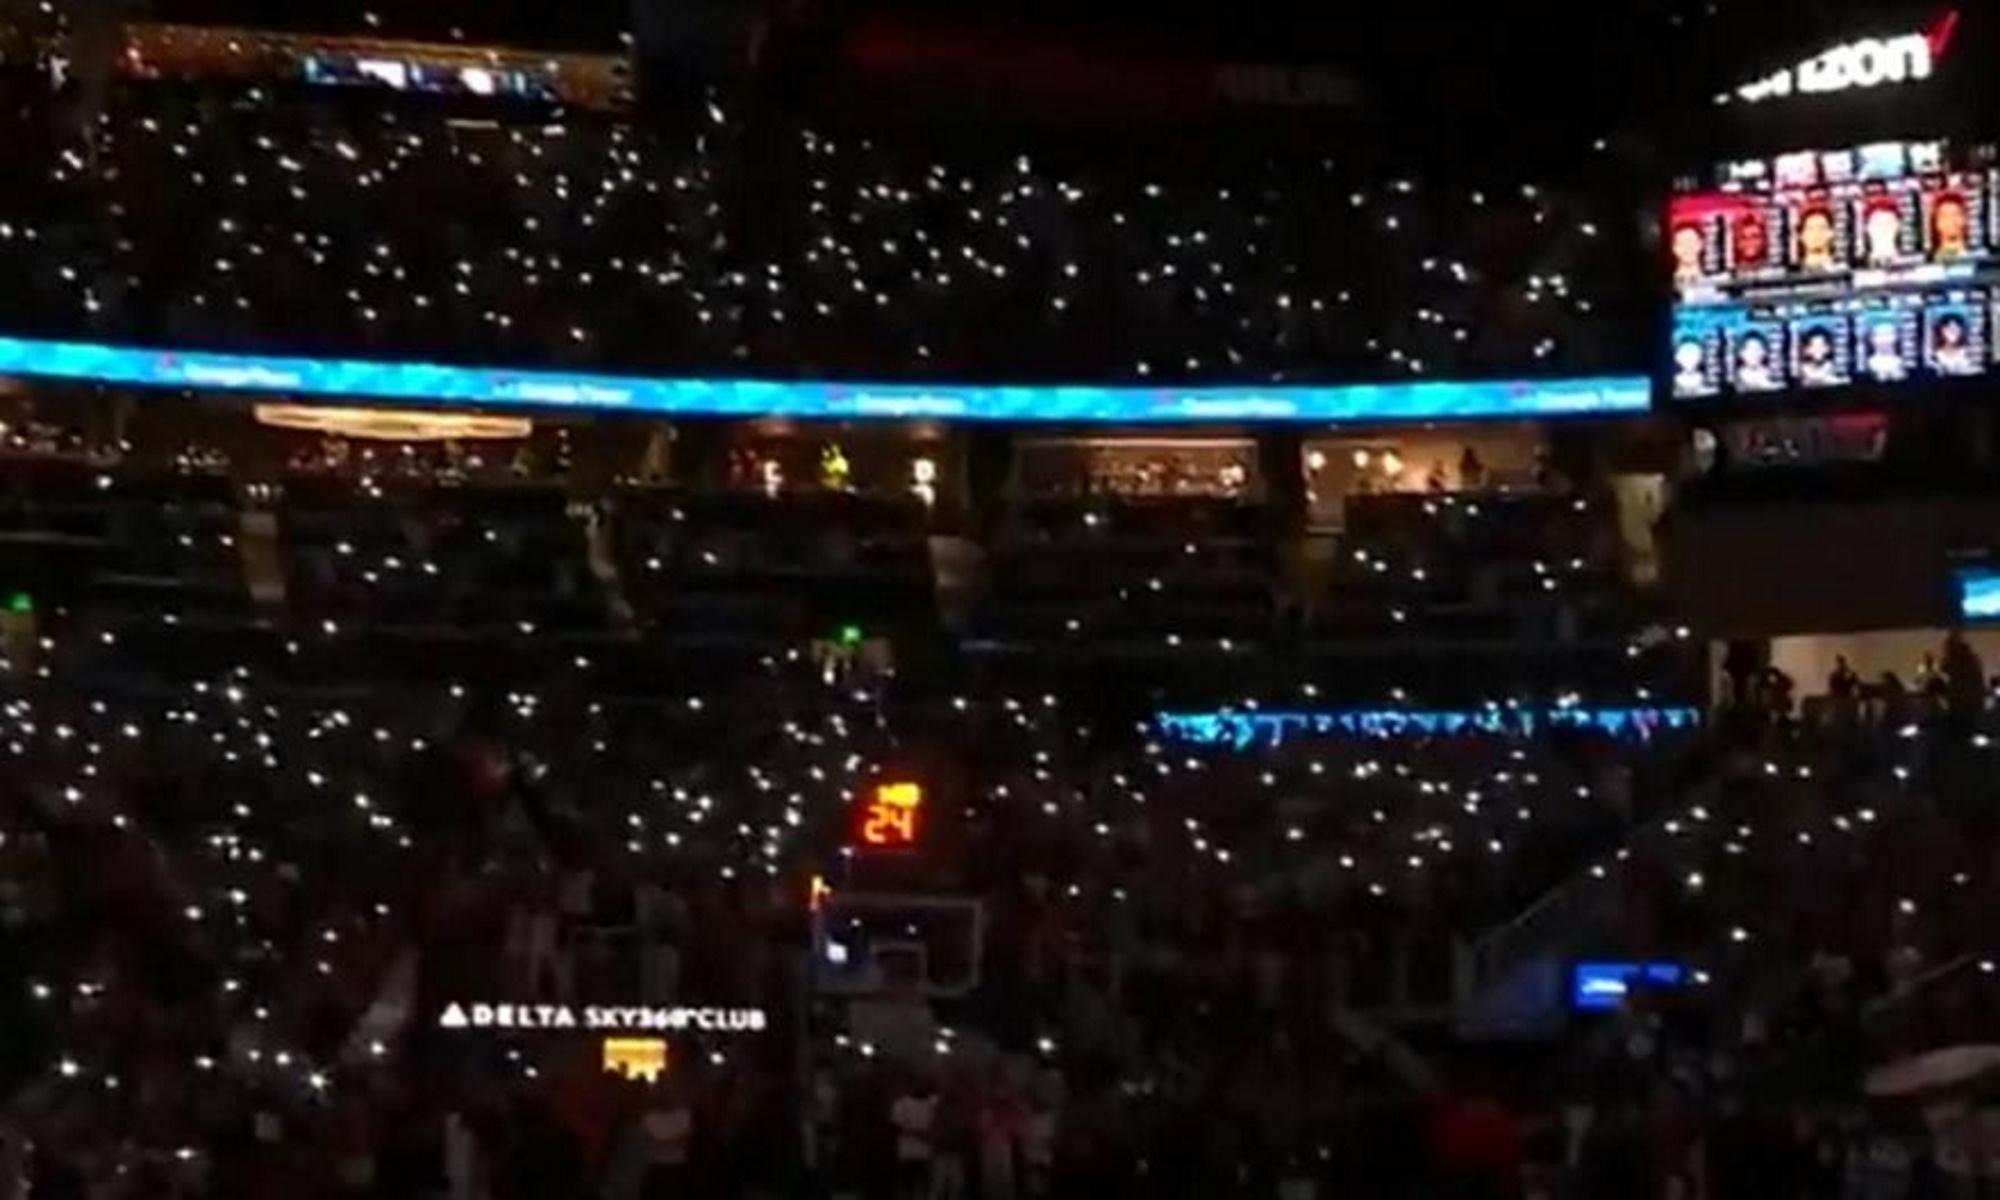 Έσβησαν τα φώτα στο Χοκς – 76ers και «έλαμψαν» οι εξέδρες από τα φλας των κινητών